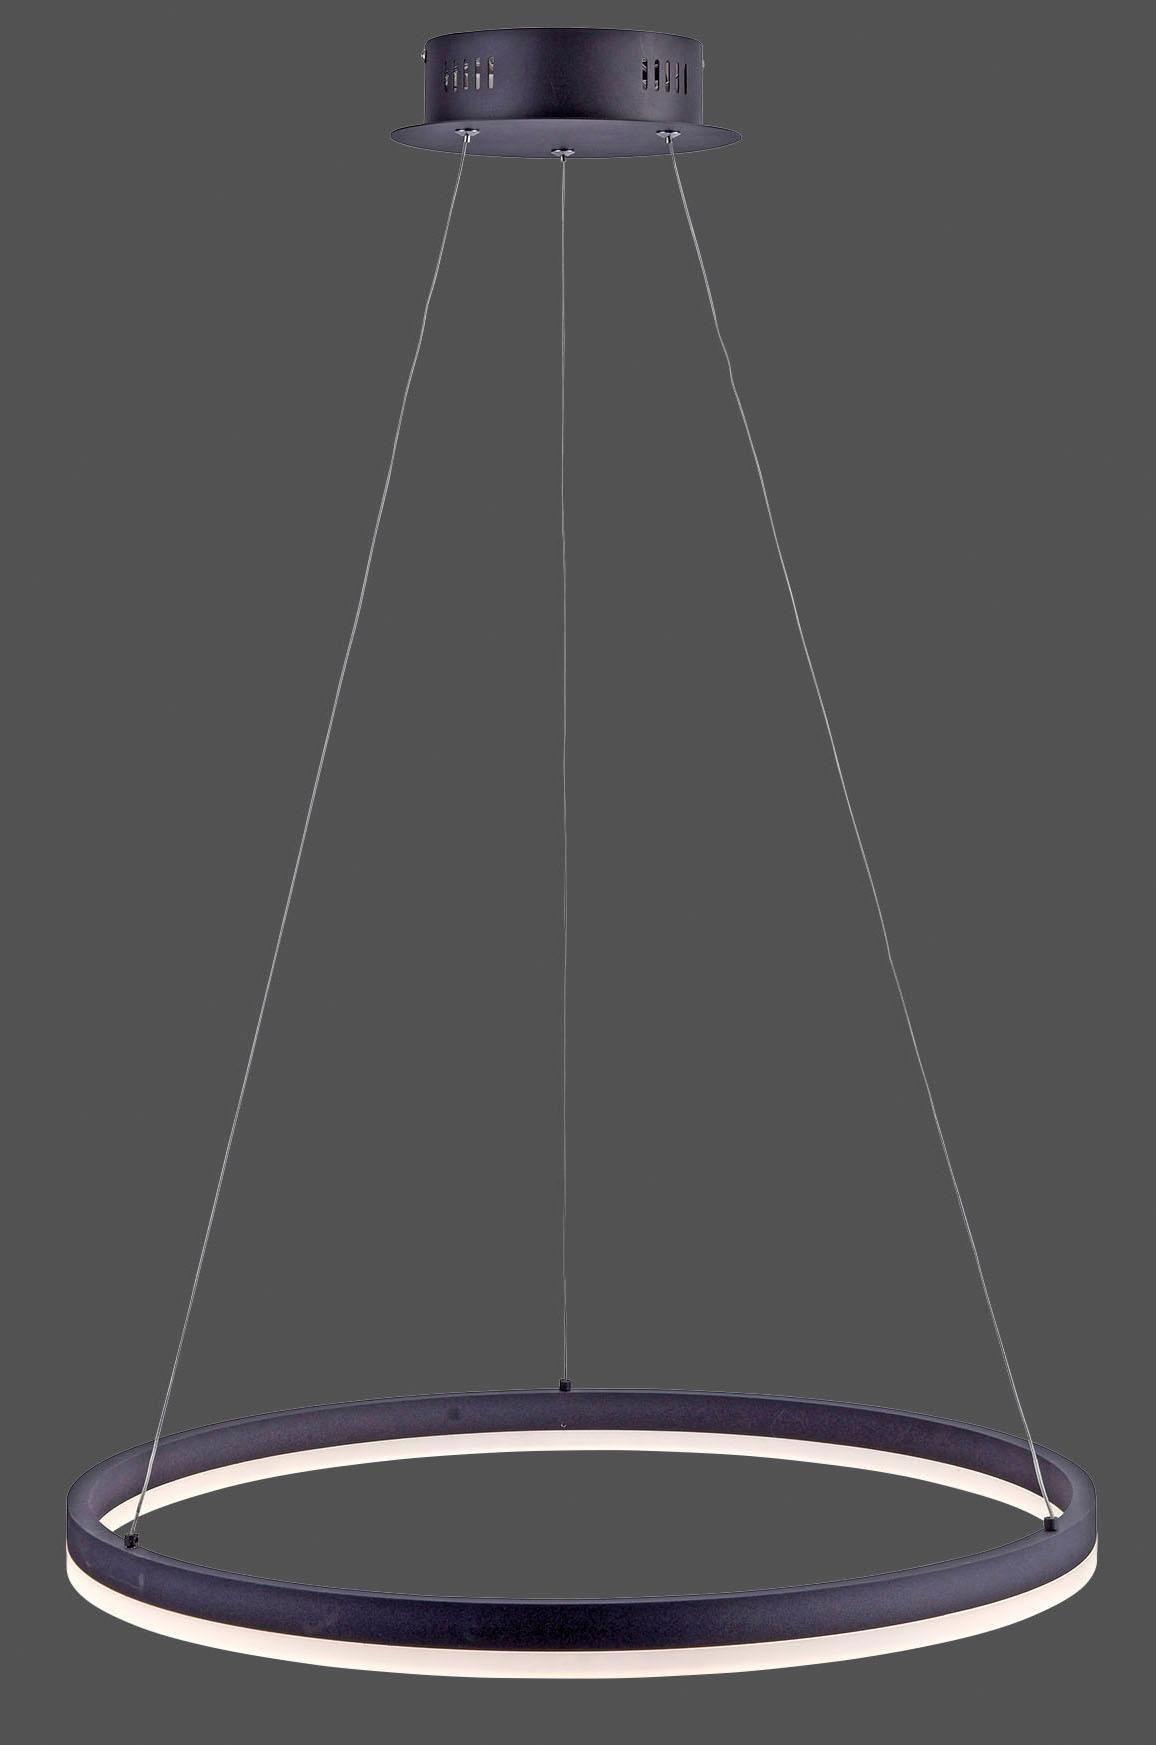 Full Size of Moderne Hngeleuchten Wohnzimmer Holz Pendelleuchten Decken Led Beleuchtung Sofa Kleines Lampe Hängelampe Stehlampen Tischlampe Gardinen Für Chesterfield Wohnzimmer Wohnzimmer Led Lampe